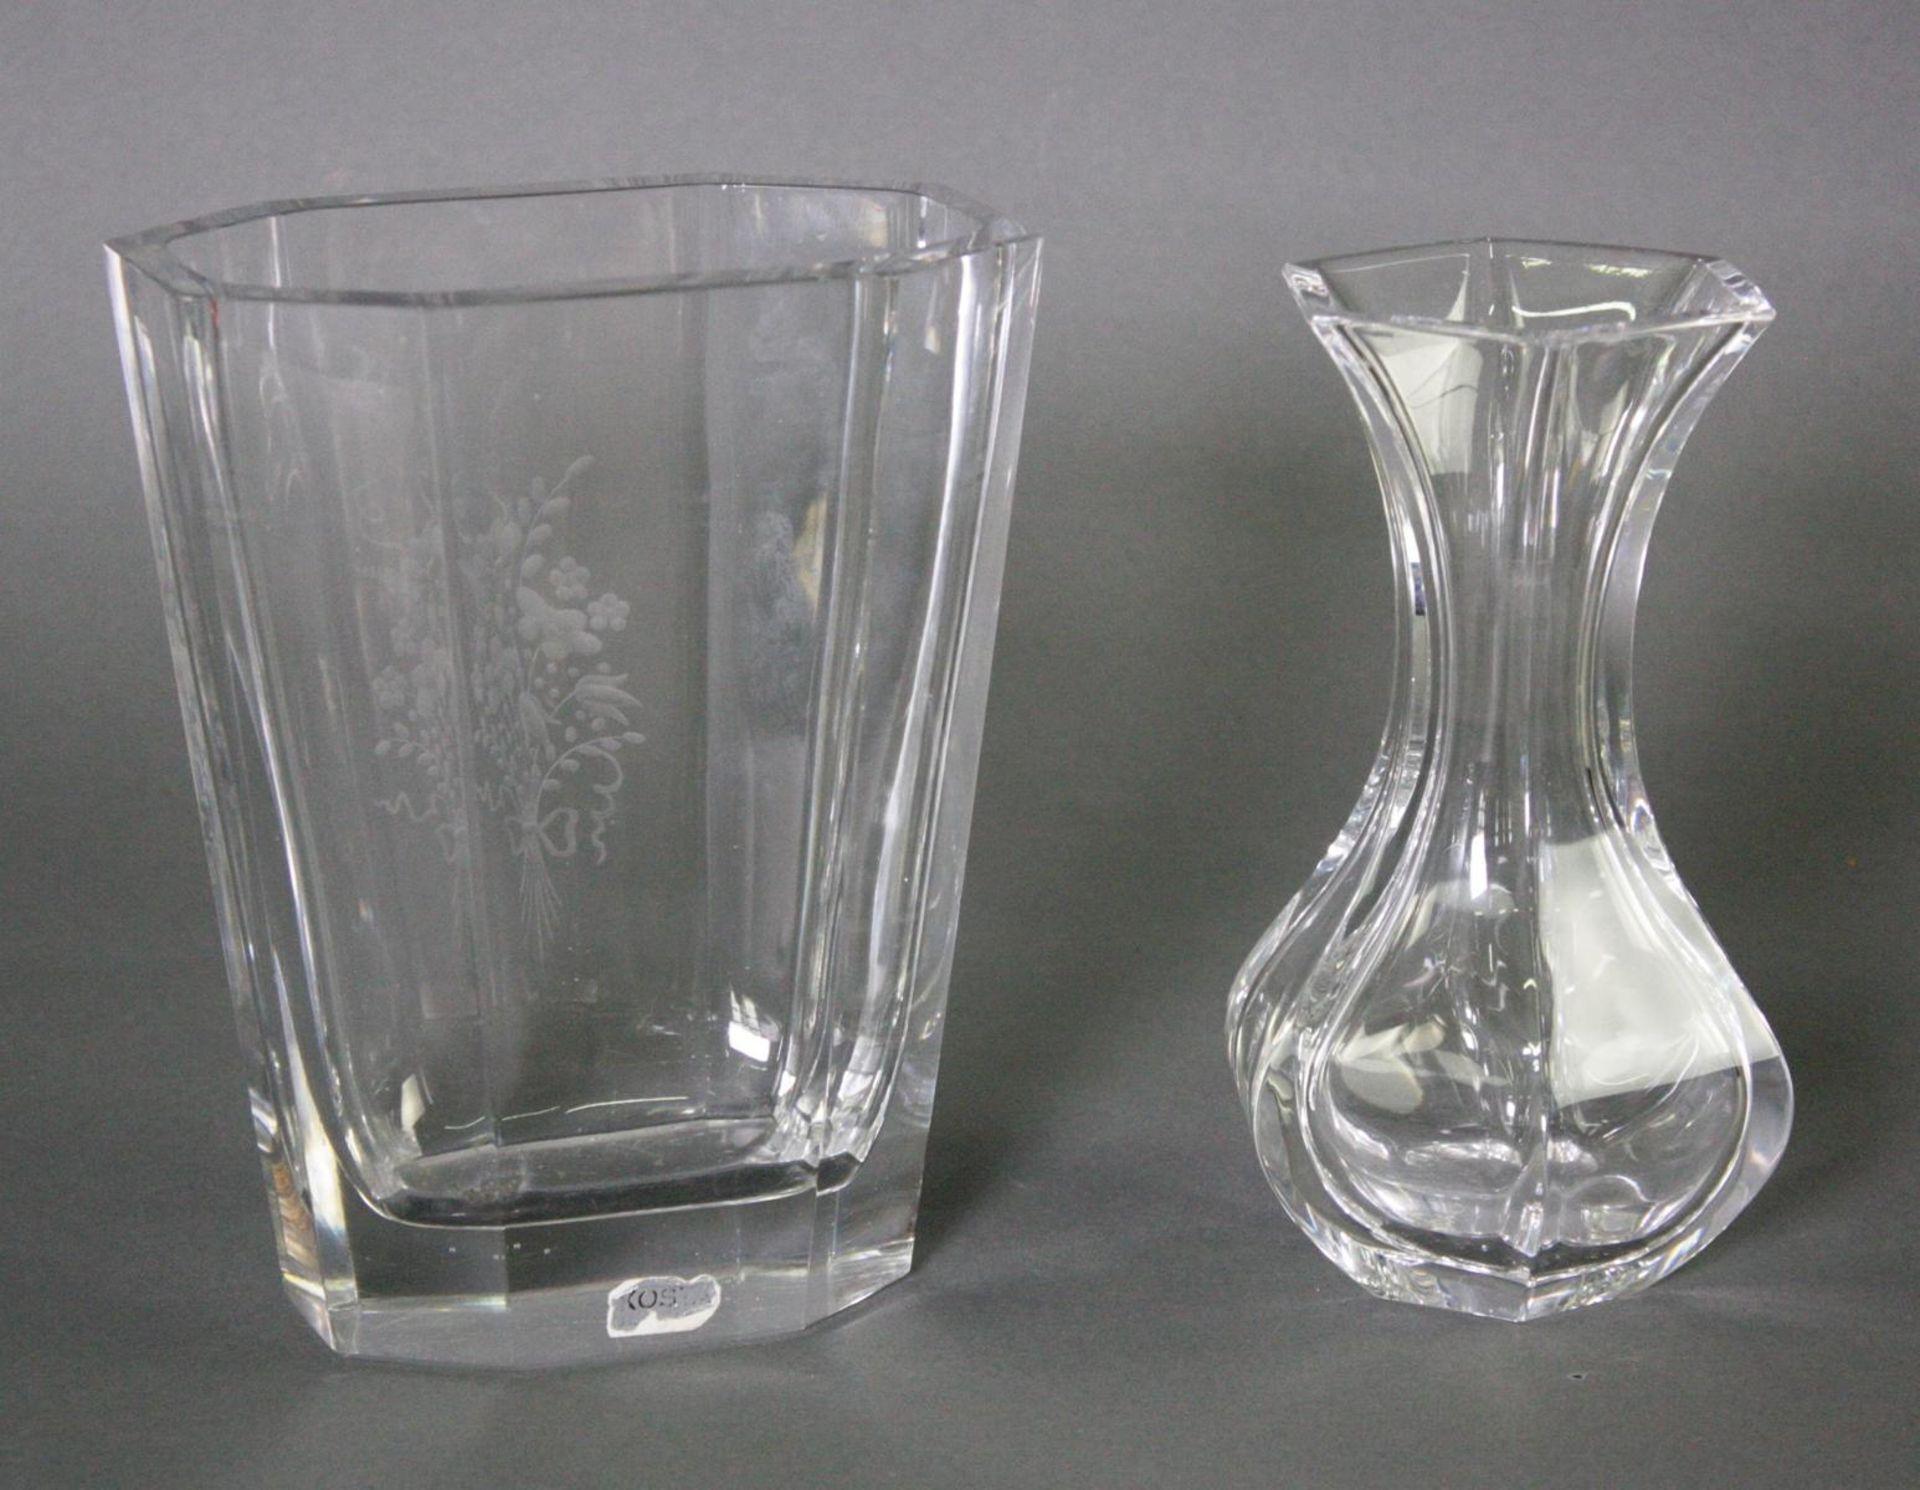 Vase, Kosta (Schweden) - Bild 2 aus 2